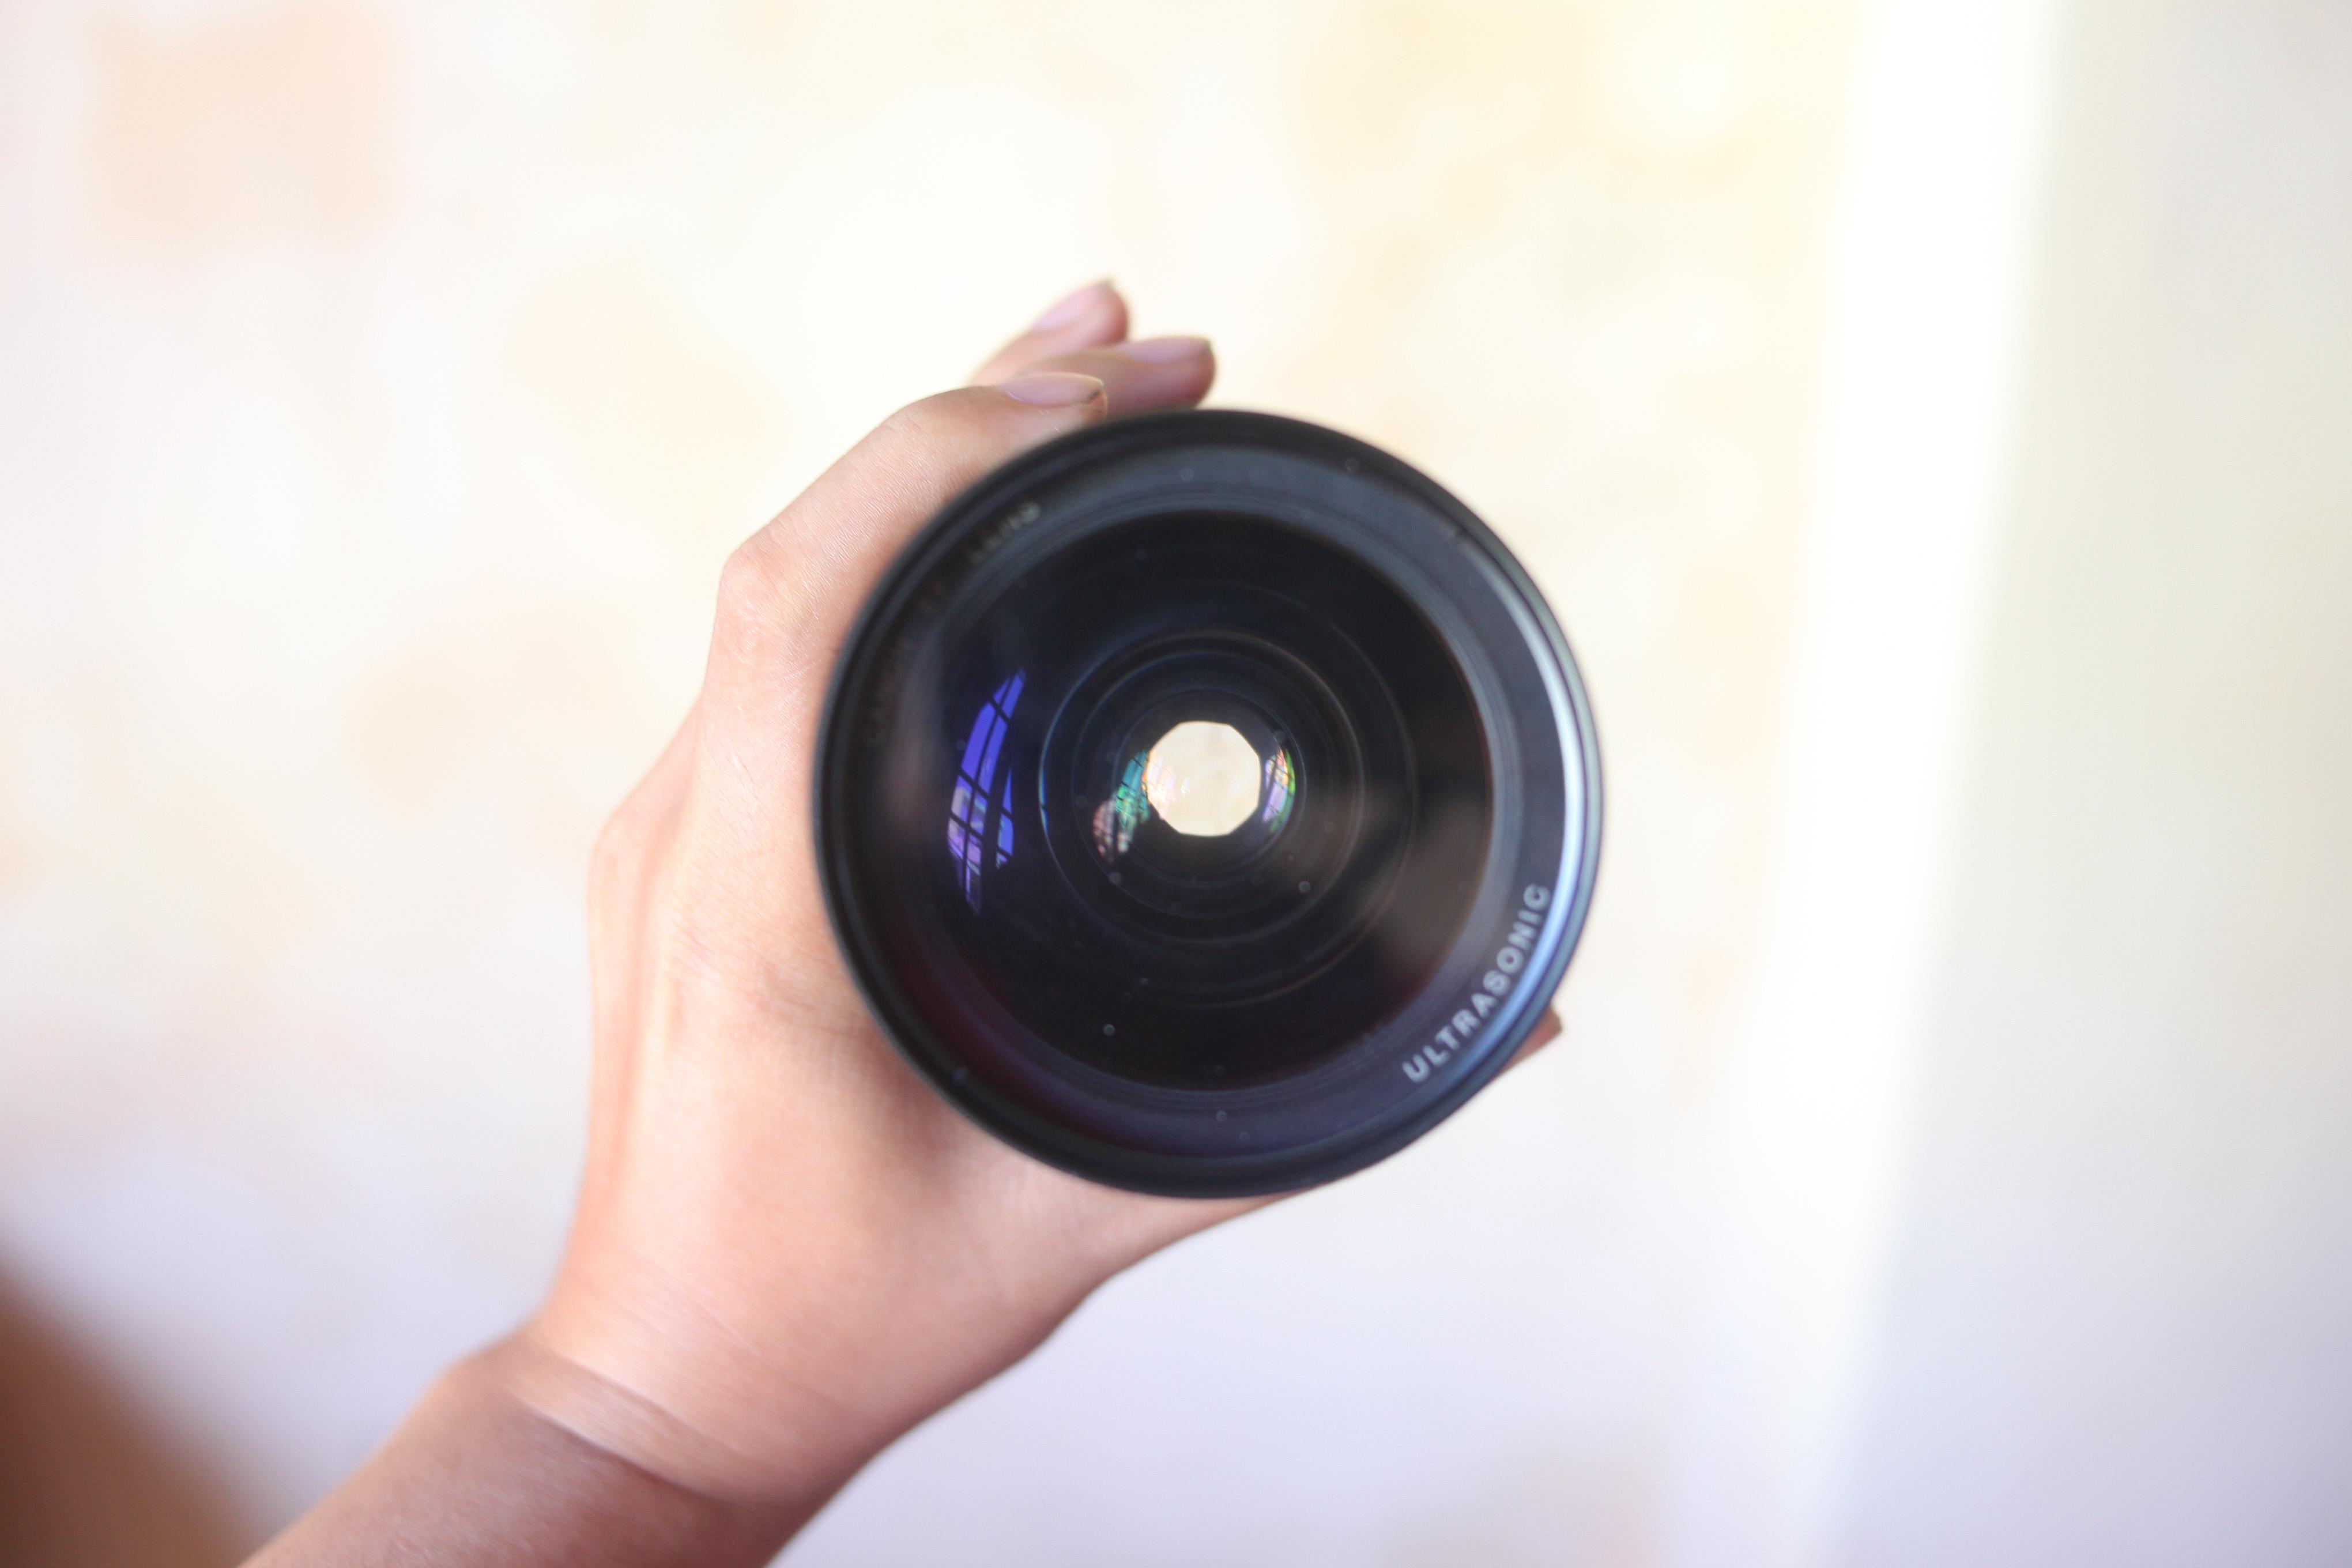 Cần bán lens Canon 28-70L f2.8 33087619840_715ec26c9c_o